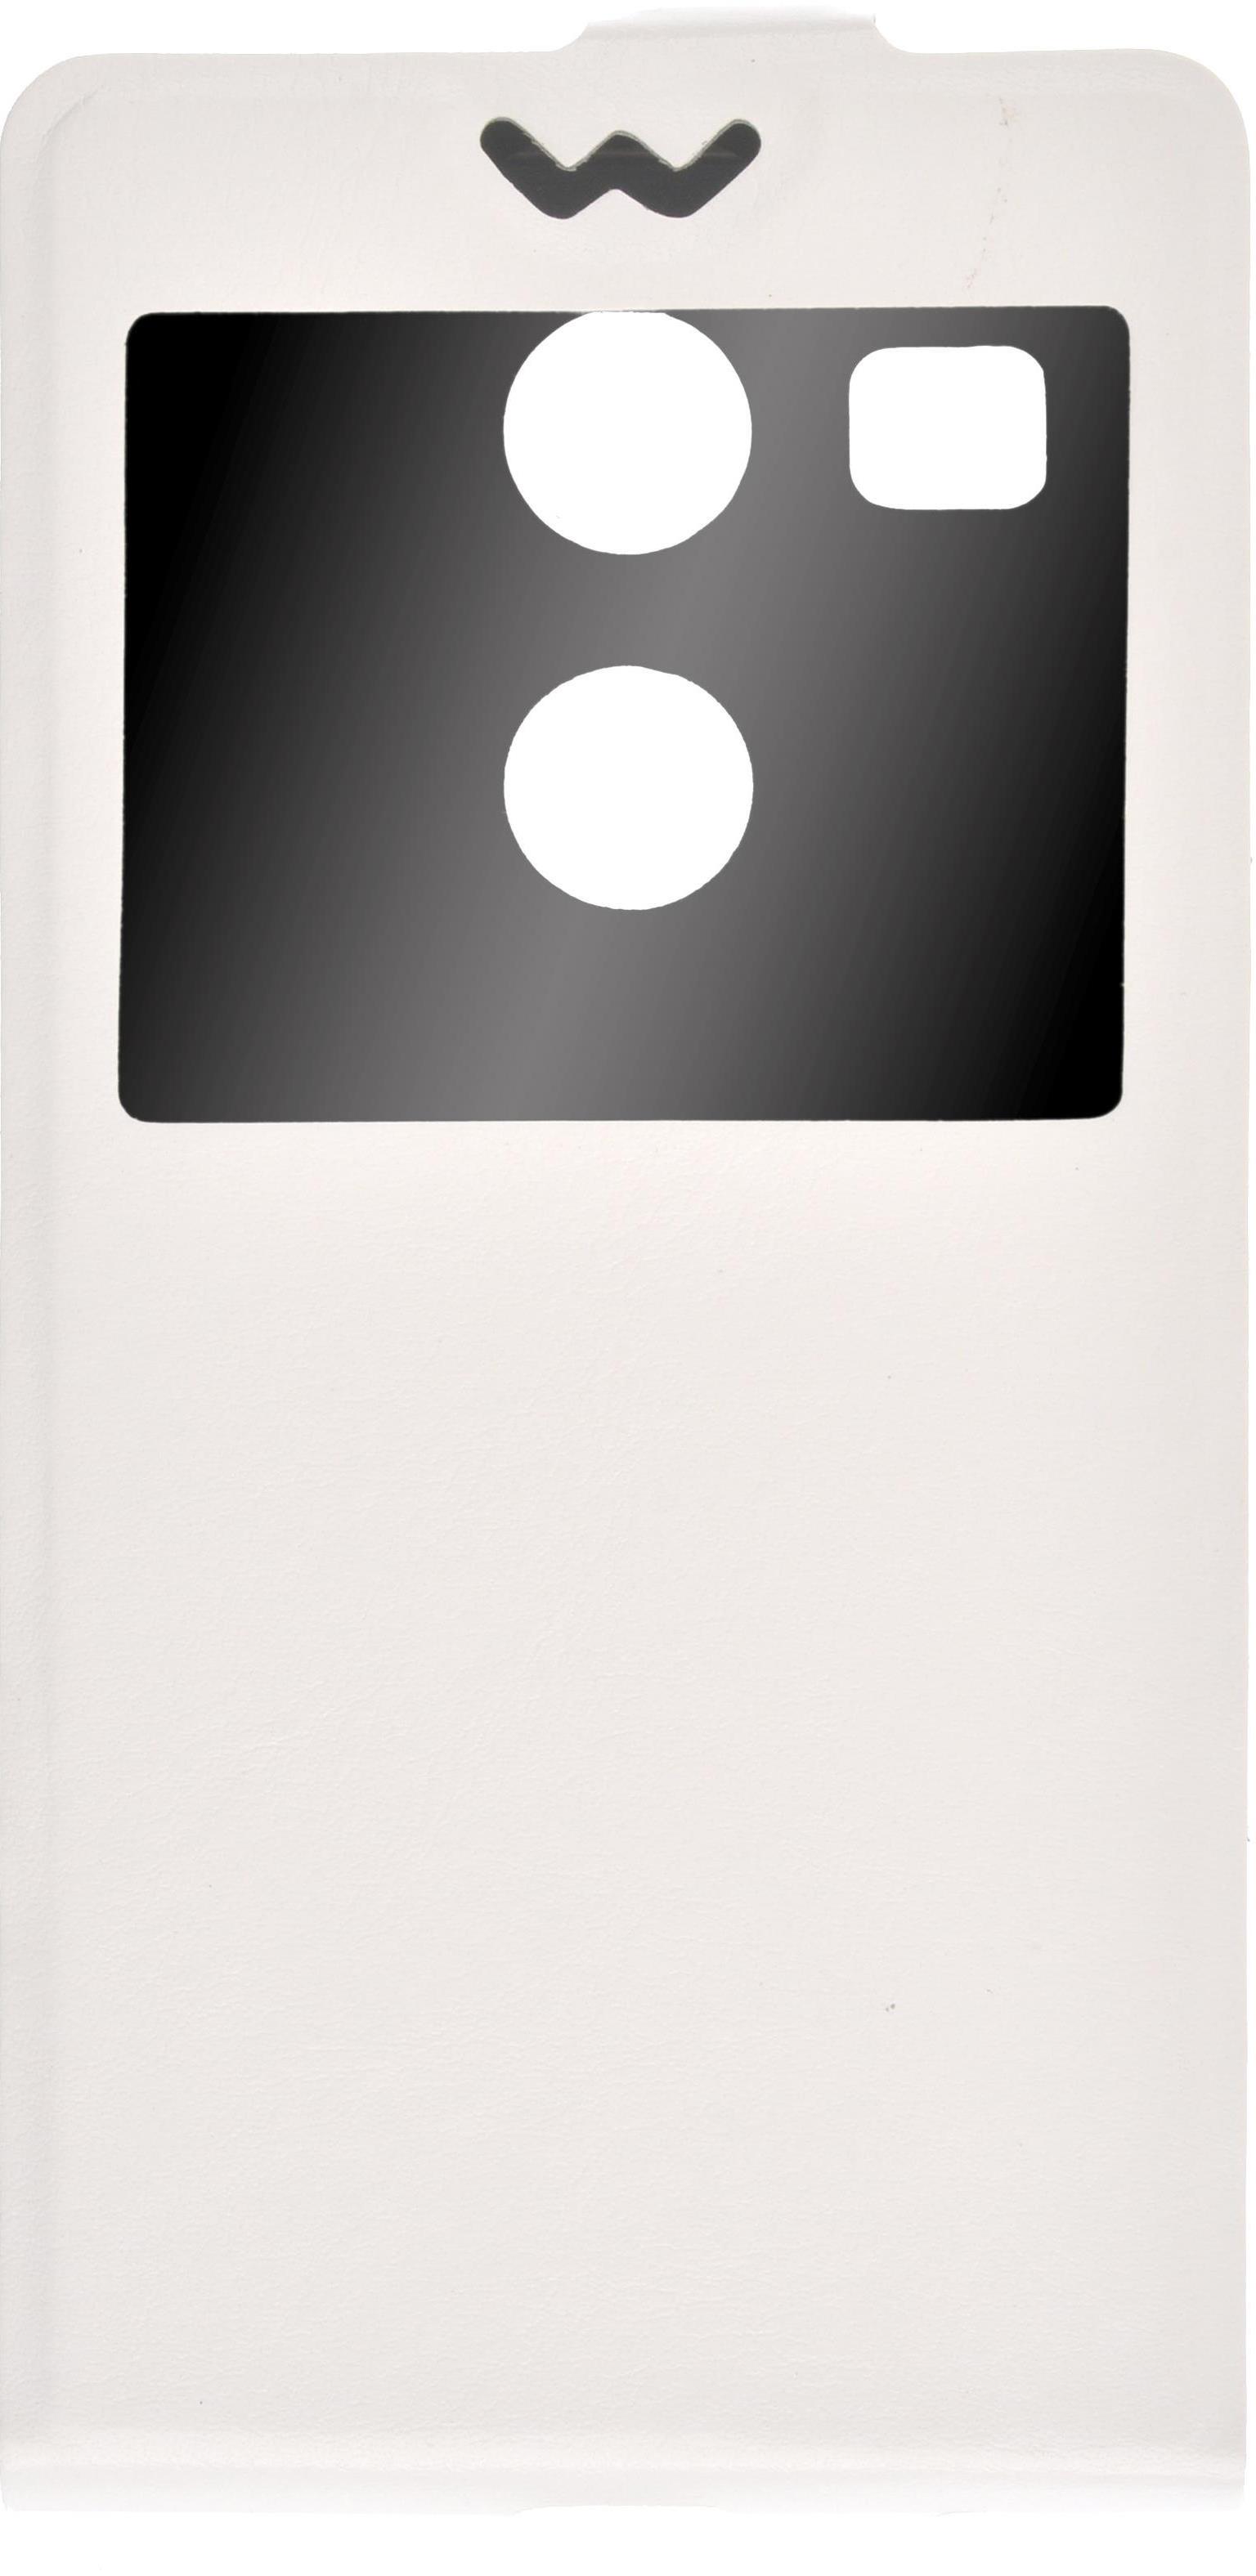 Чехол для сотового телефона skinBOX Flip slim, 4630042525238, белый skinbox защитное стекло для lg nexus 5x глянцевое